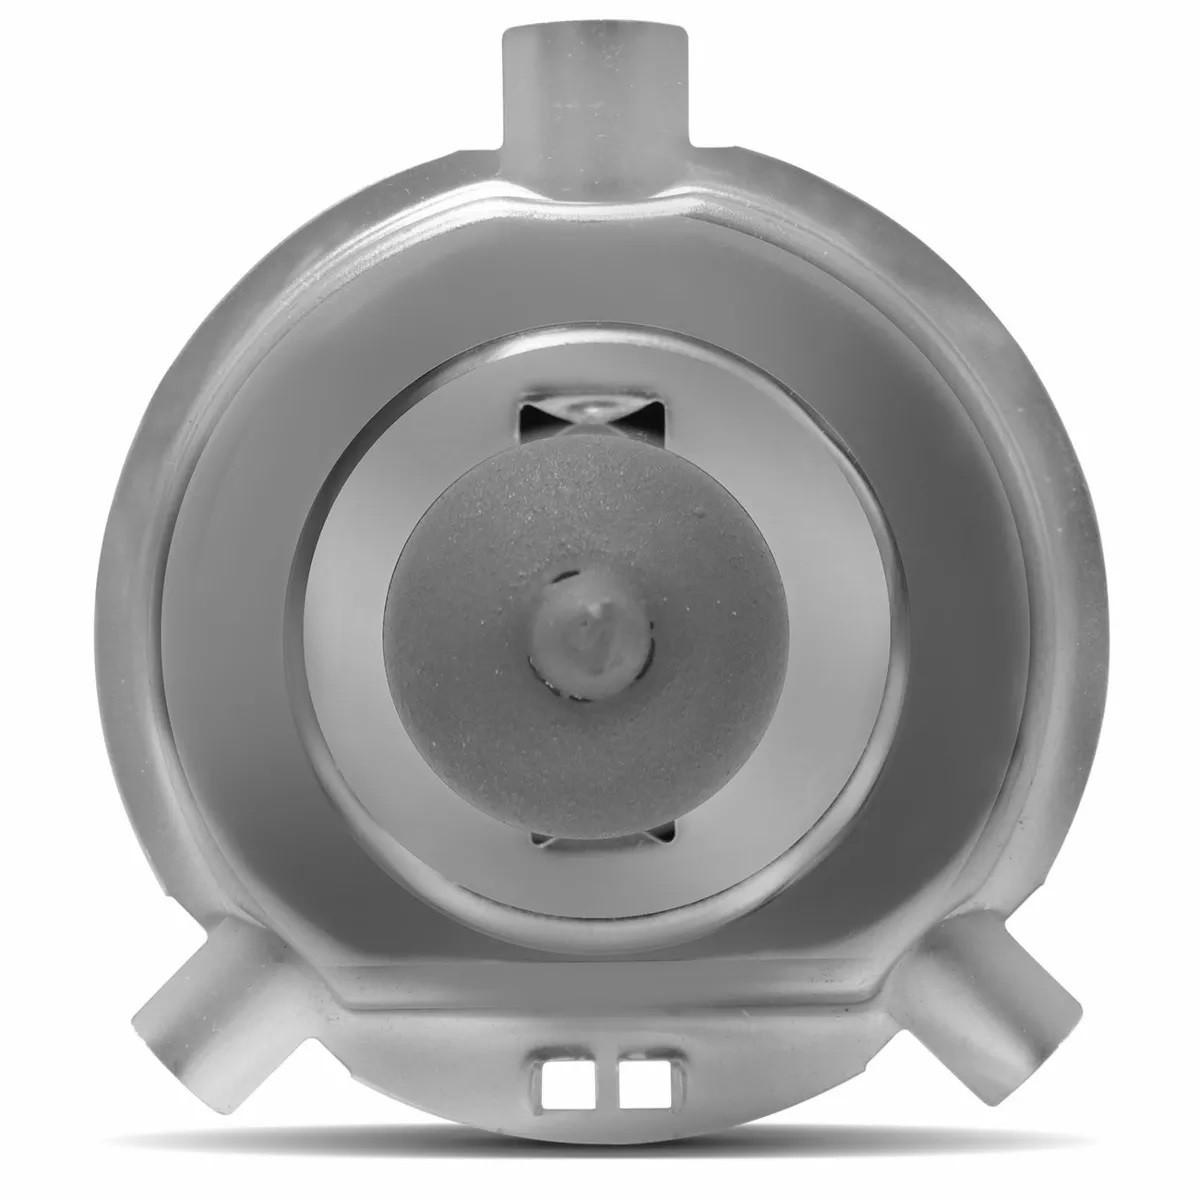 Kit Lampada H4 100w Comum + Rele 500w + Soquete Porcelana